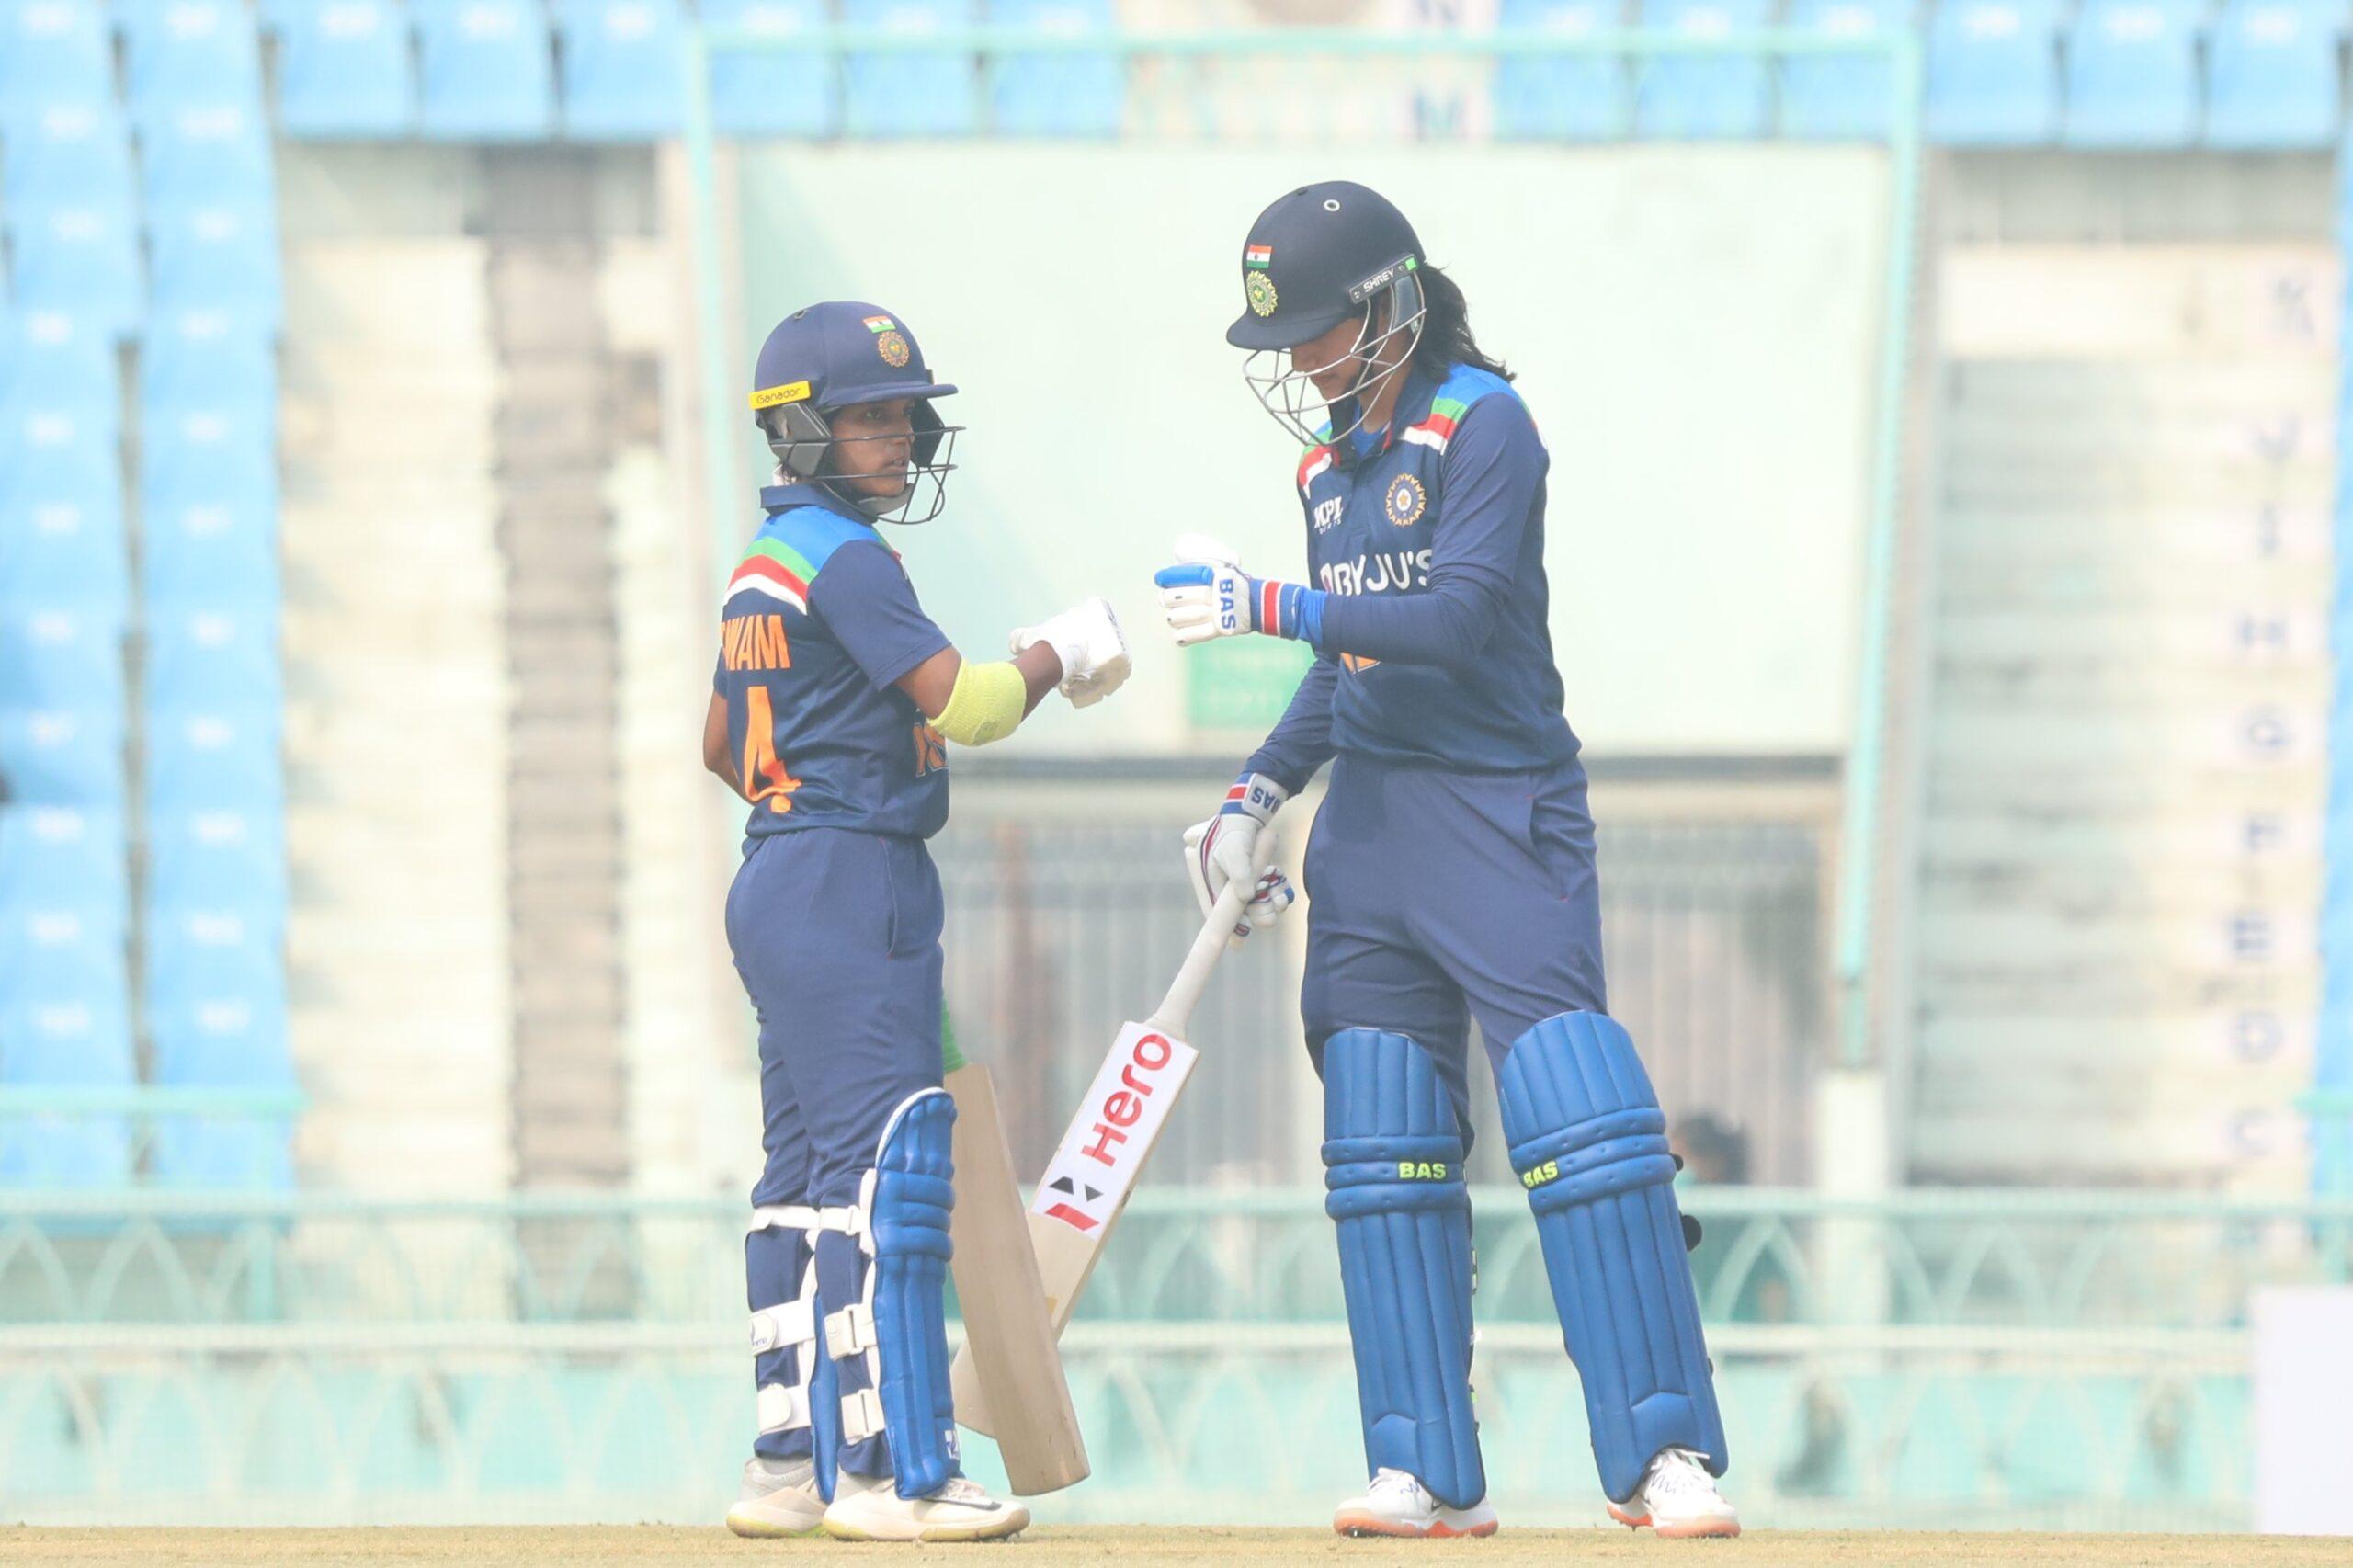 মিতালি রাজ প্রথম ভারতীয় মহিলা ক্রিকেটার হিসাবে পূর্ণ করলেন দশ হাজার আন্তর্জাতিক রান 3